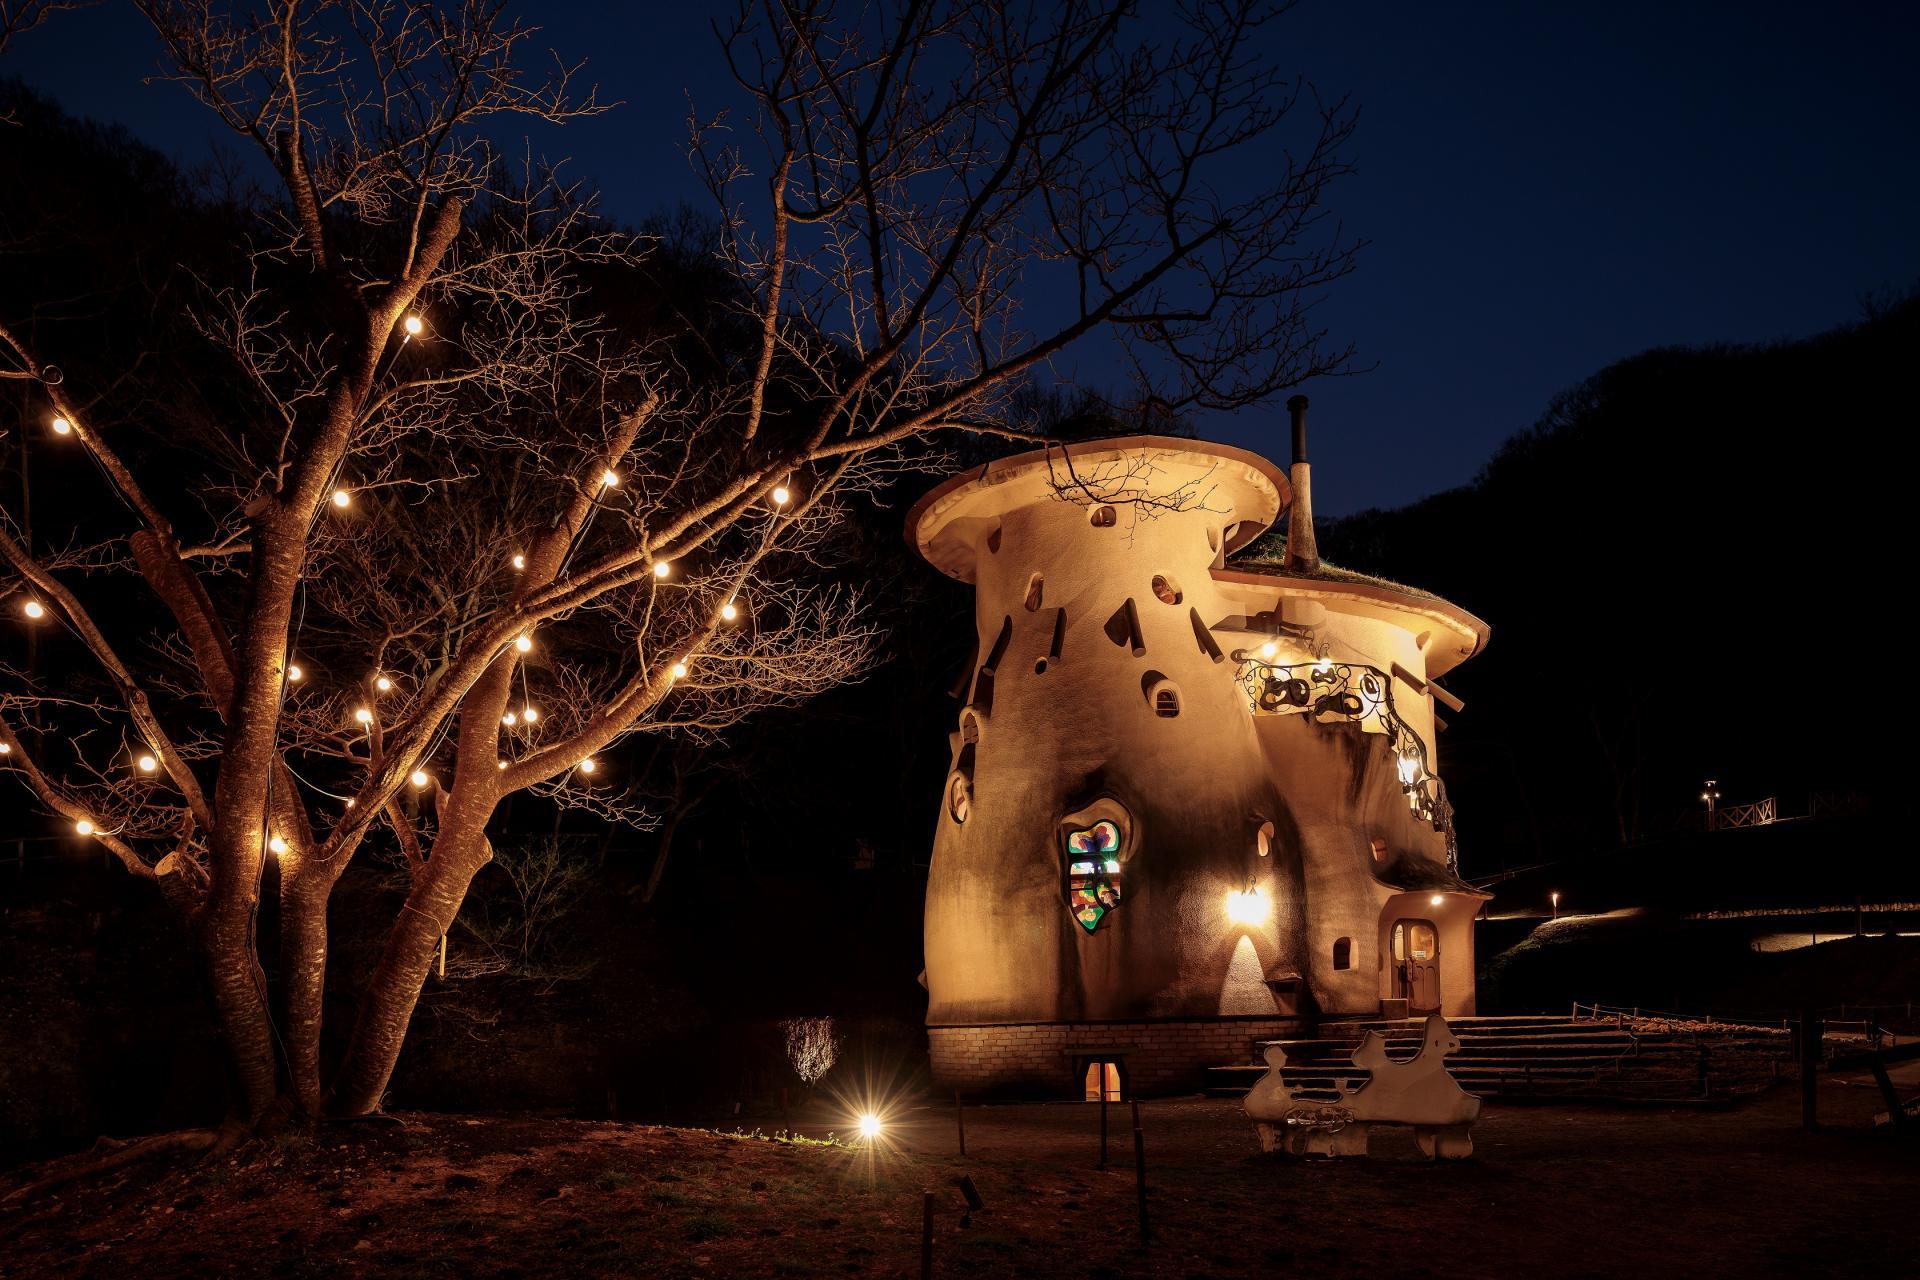 夜间点灯后的蘑菇之屋 温暖的灯光下十分温馨